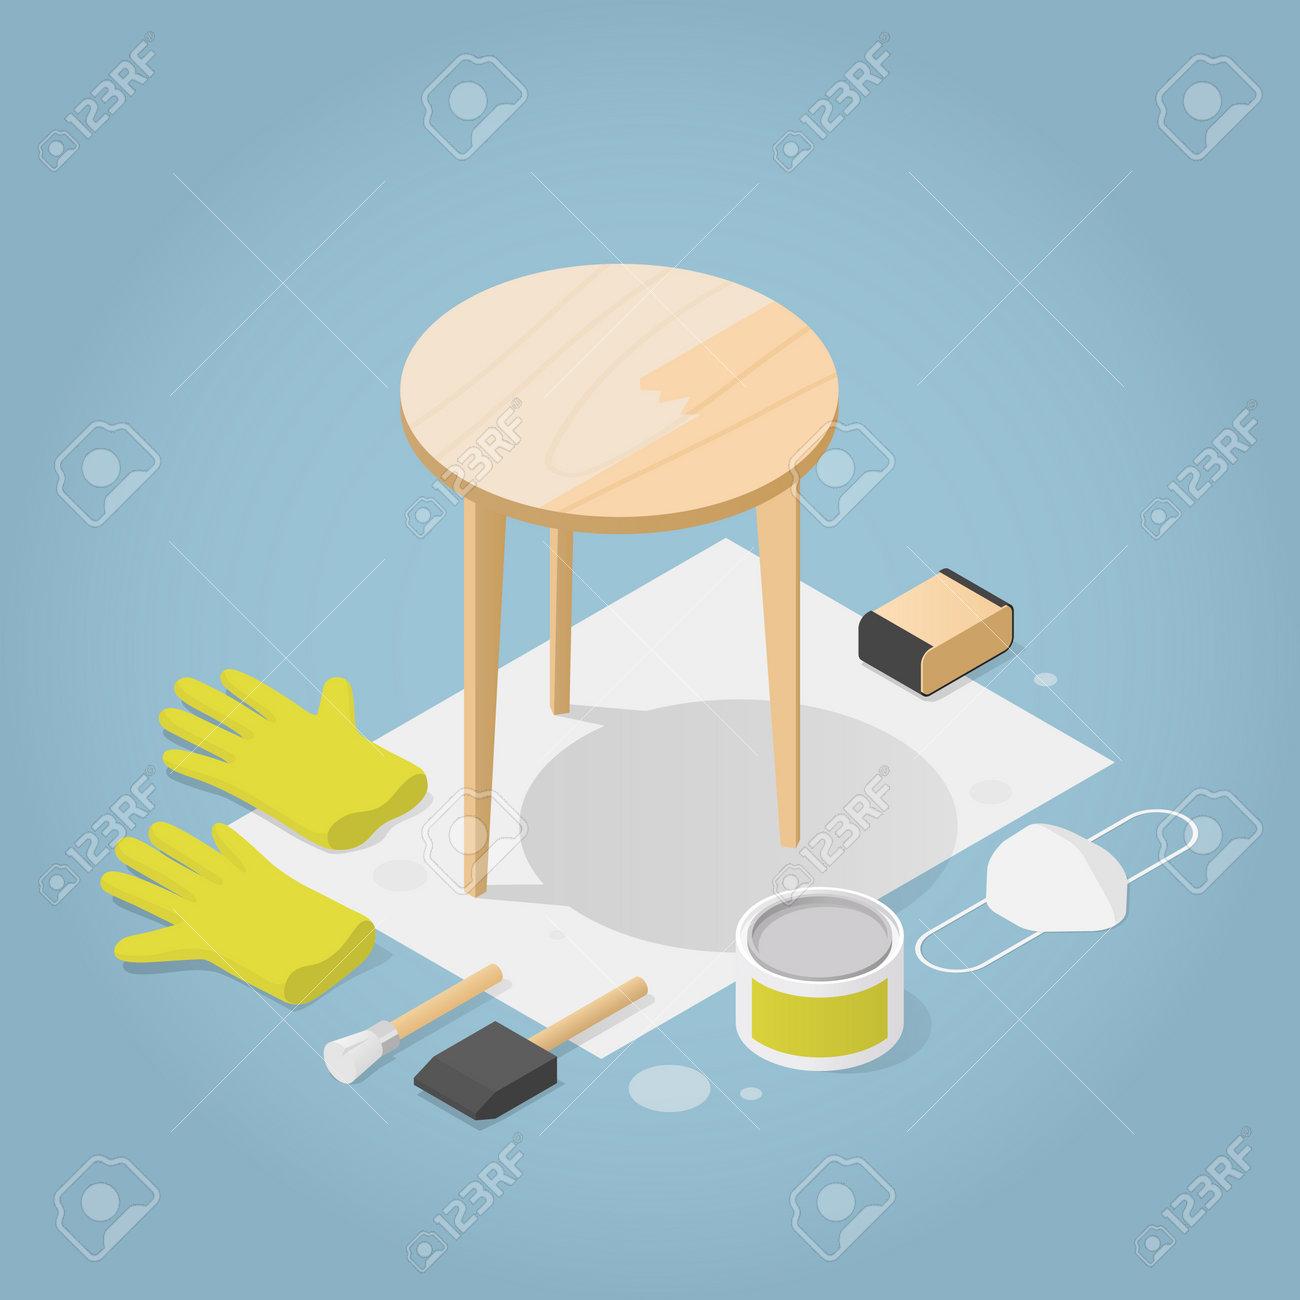 Isometric Furniture Repair Illustration - 162524319